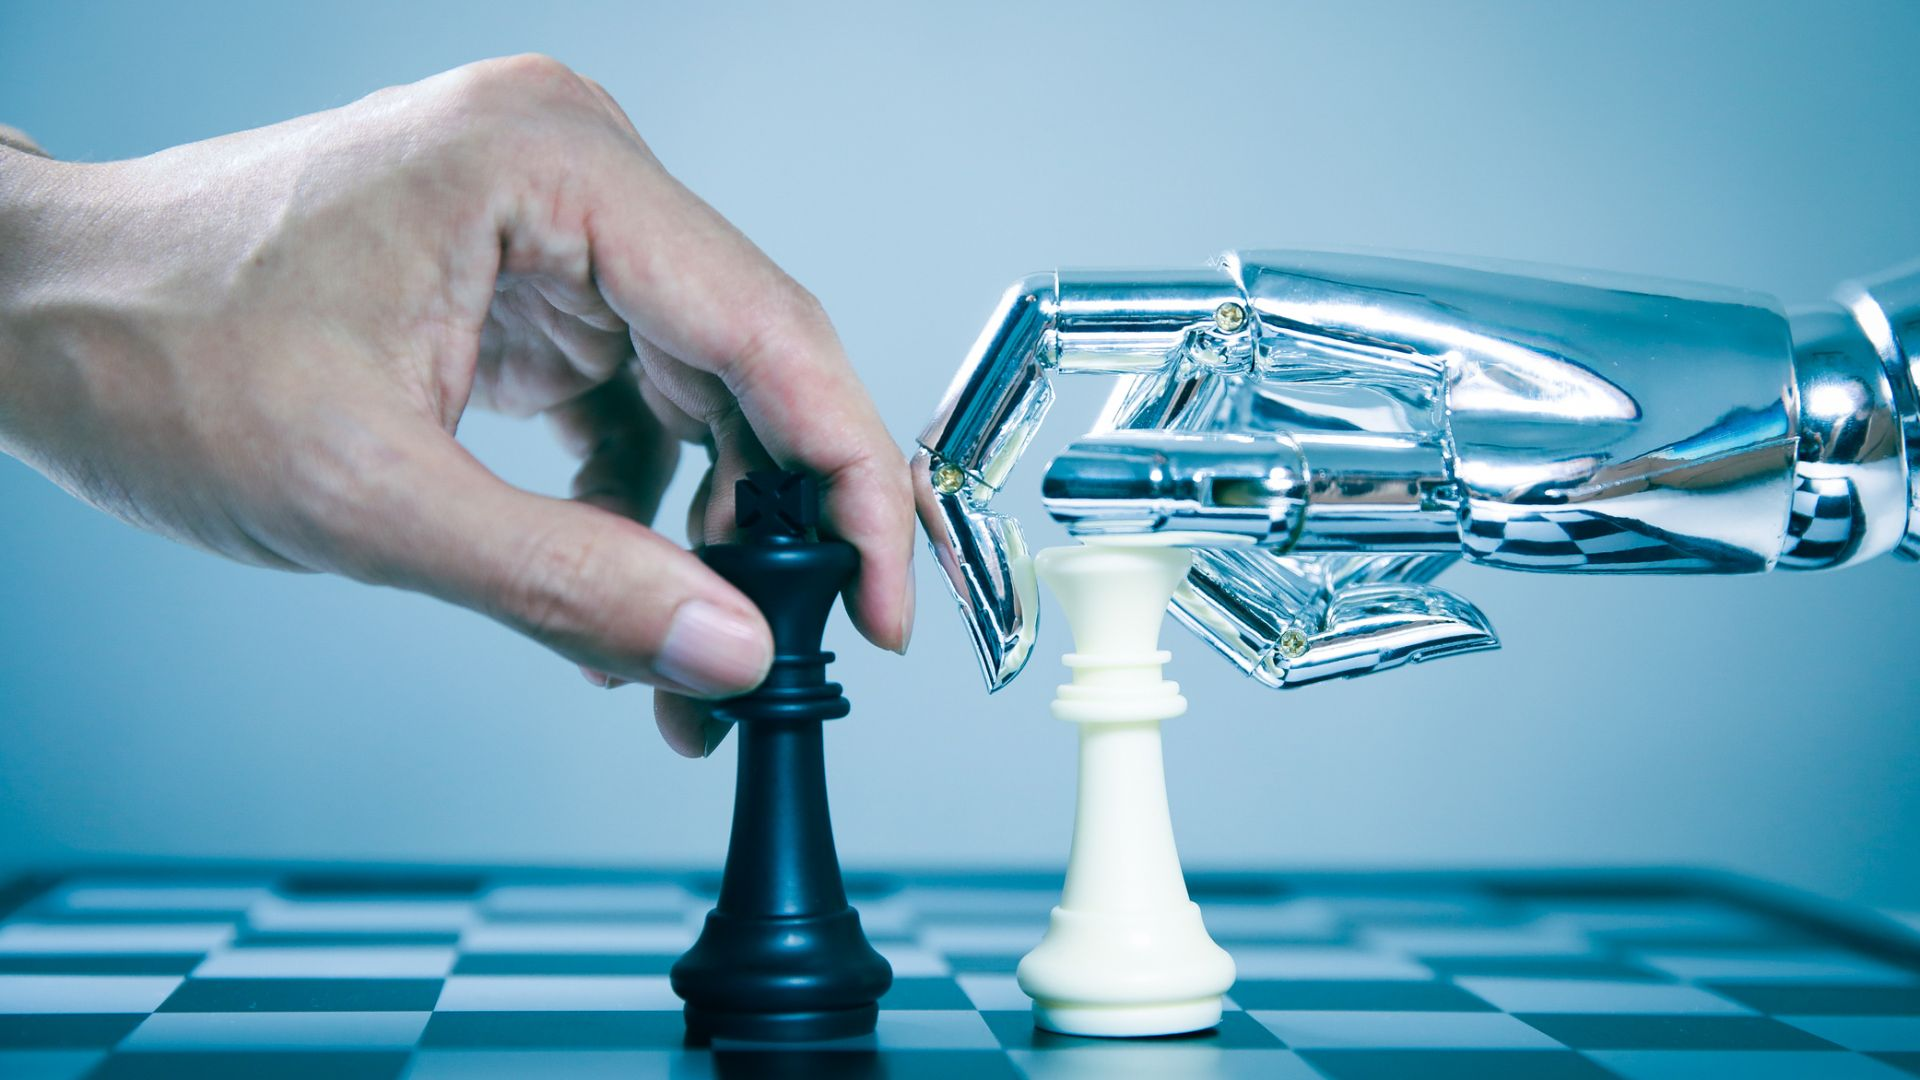 Изкуствен интелект може да победи в игра, чиито правила не познава